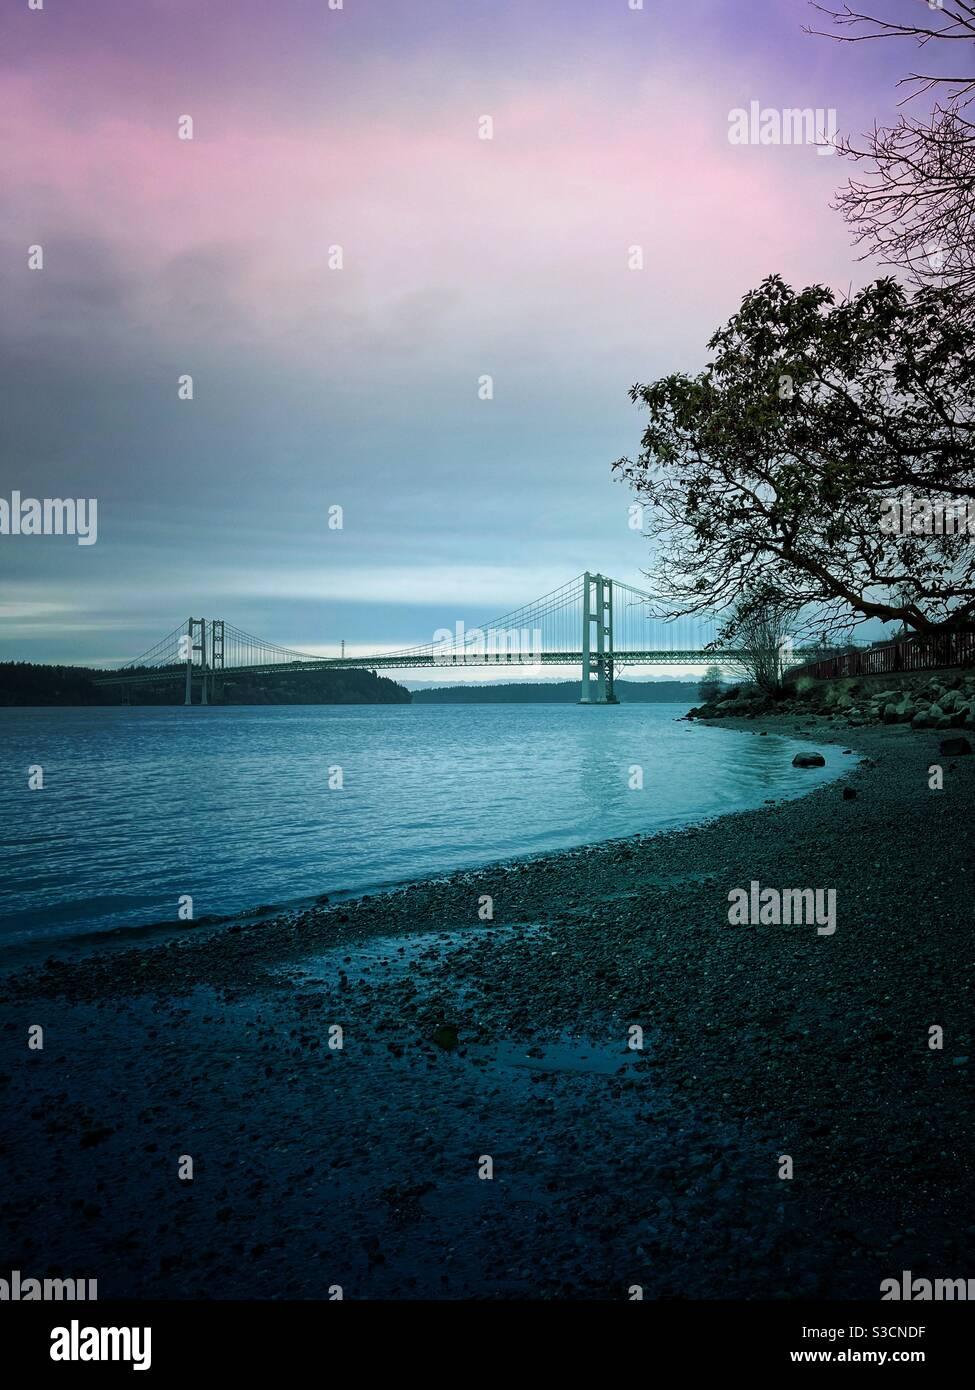 Pont de Tacoma Narrows vu de la plage Banque D'Images